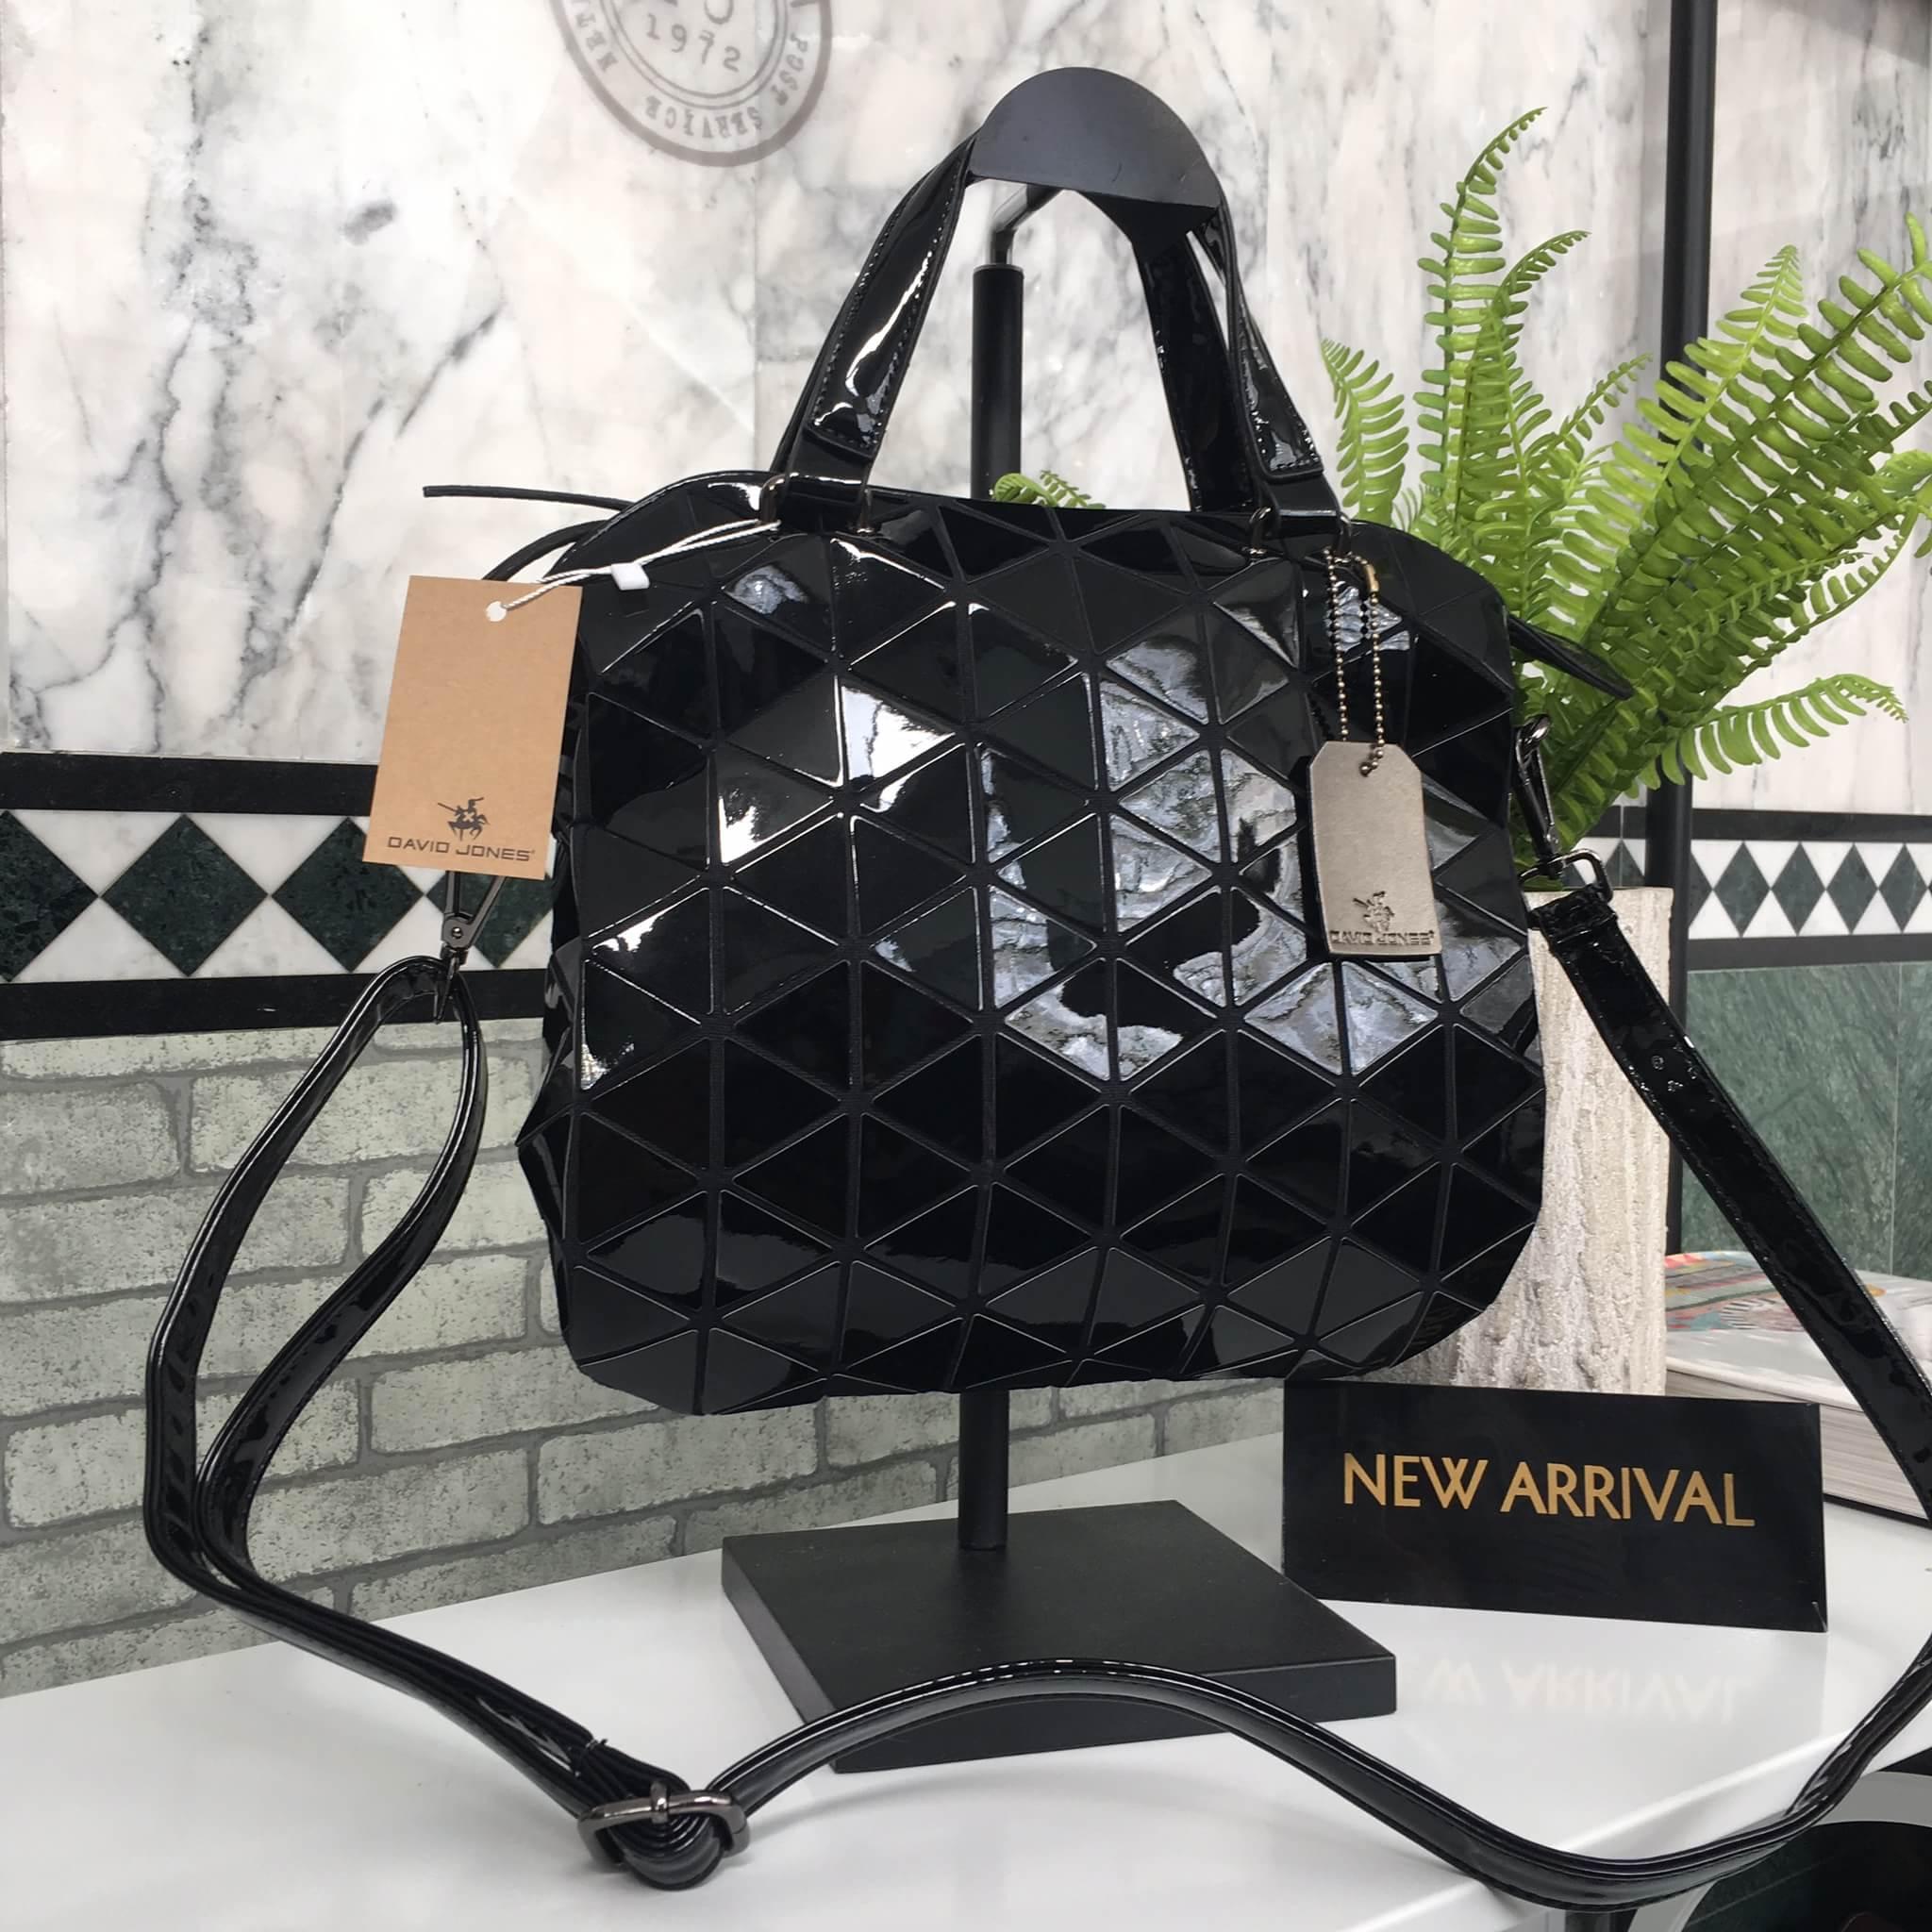 กระเป๋า David Jones Tote ตัวกระเป๋าเย็บติดด้วยแผ่นอคิลิค ราคา 1,690 บาท ส่ง Ems Free